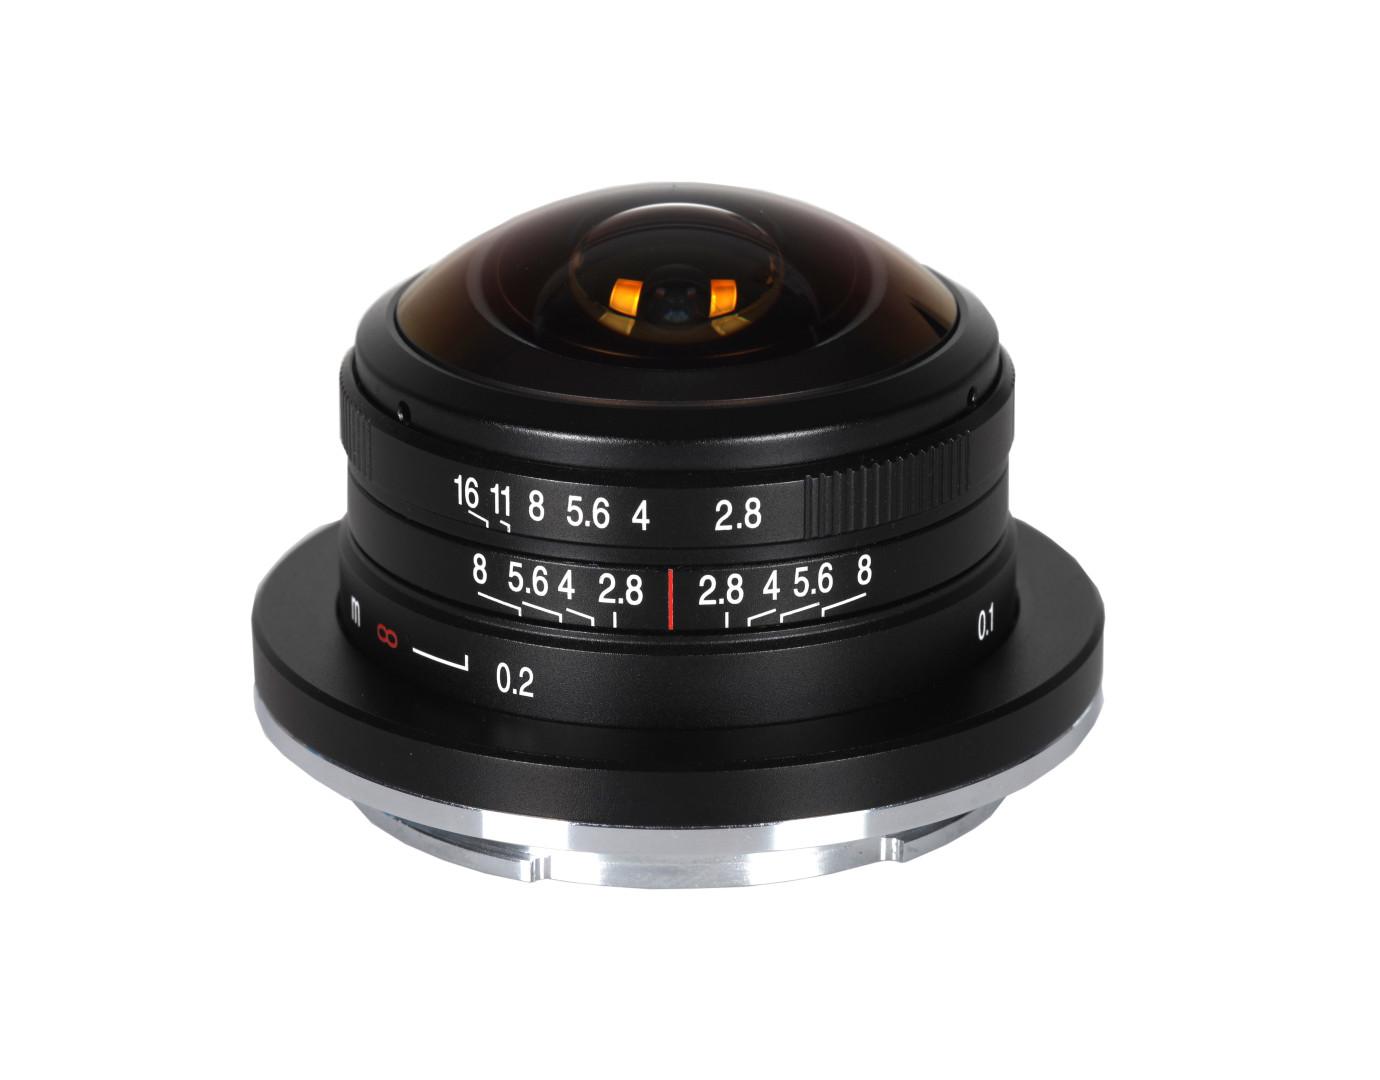 ▼令和2年5月1日発売▼LAOWA 4mm F2.8 Fisheye Fuji-X/Sony E/EOS-M 各マウント ※数量限定初回購入特典あり!一部マウント取り寄せ